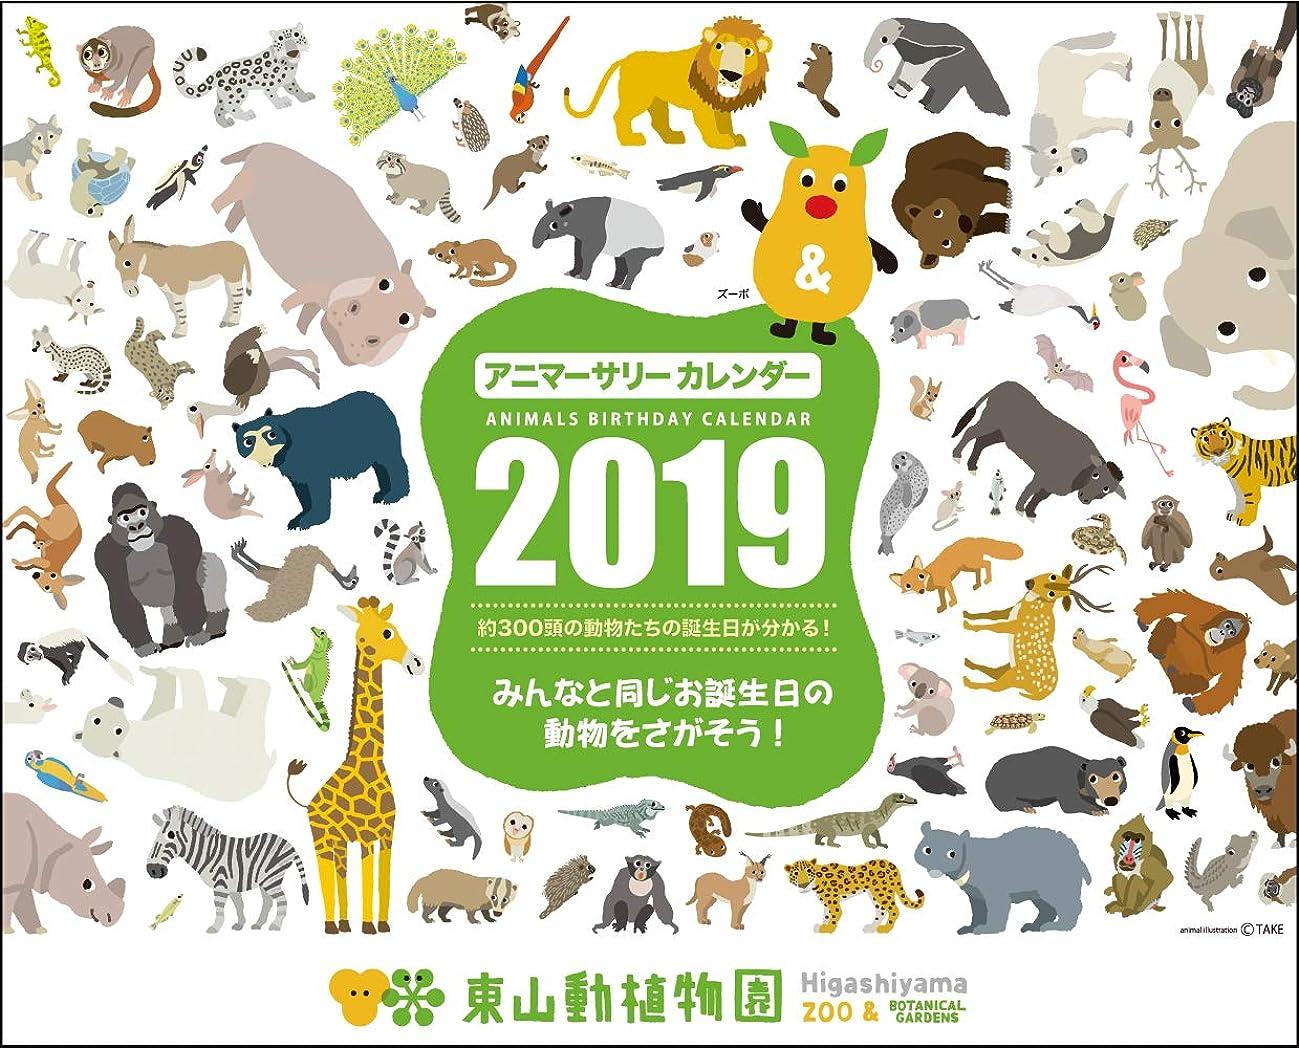 圧縮する耐久過言東山動植物園公式「アニマーサリーカレンダー2019」(卓上タイプ)